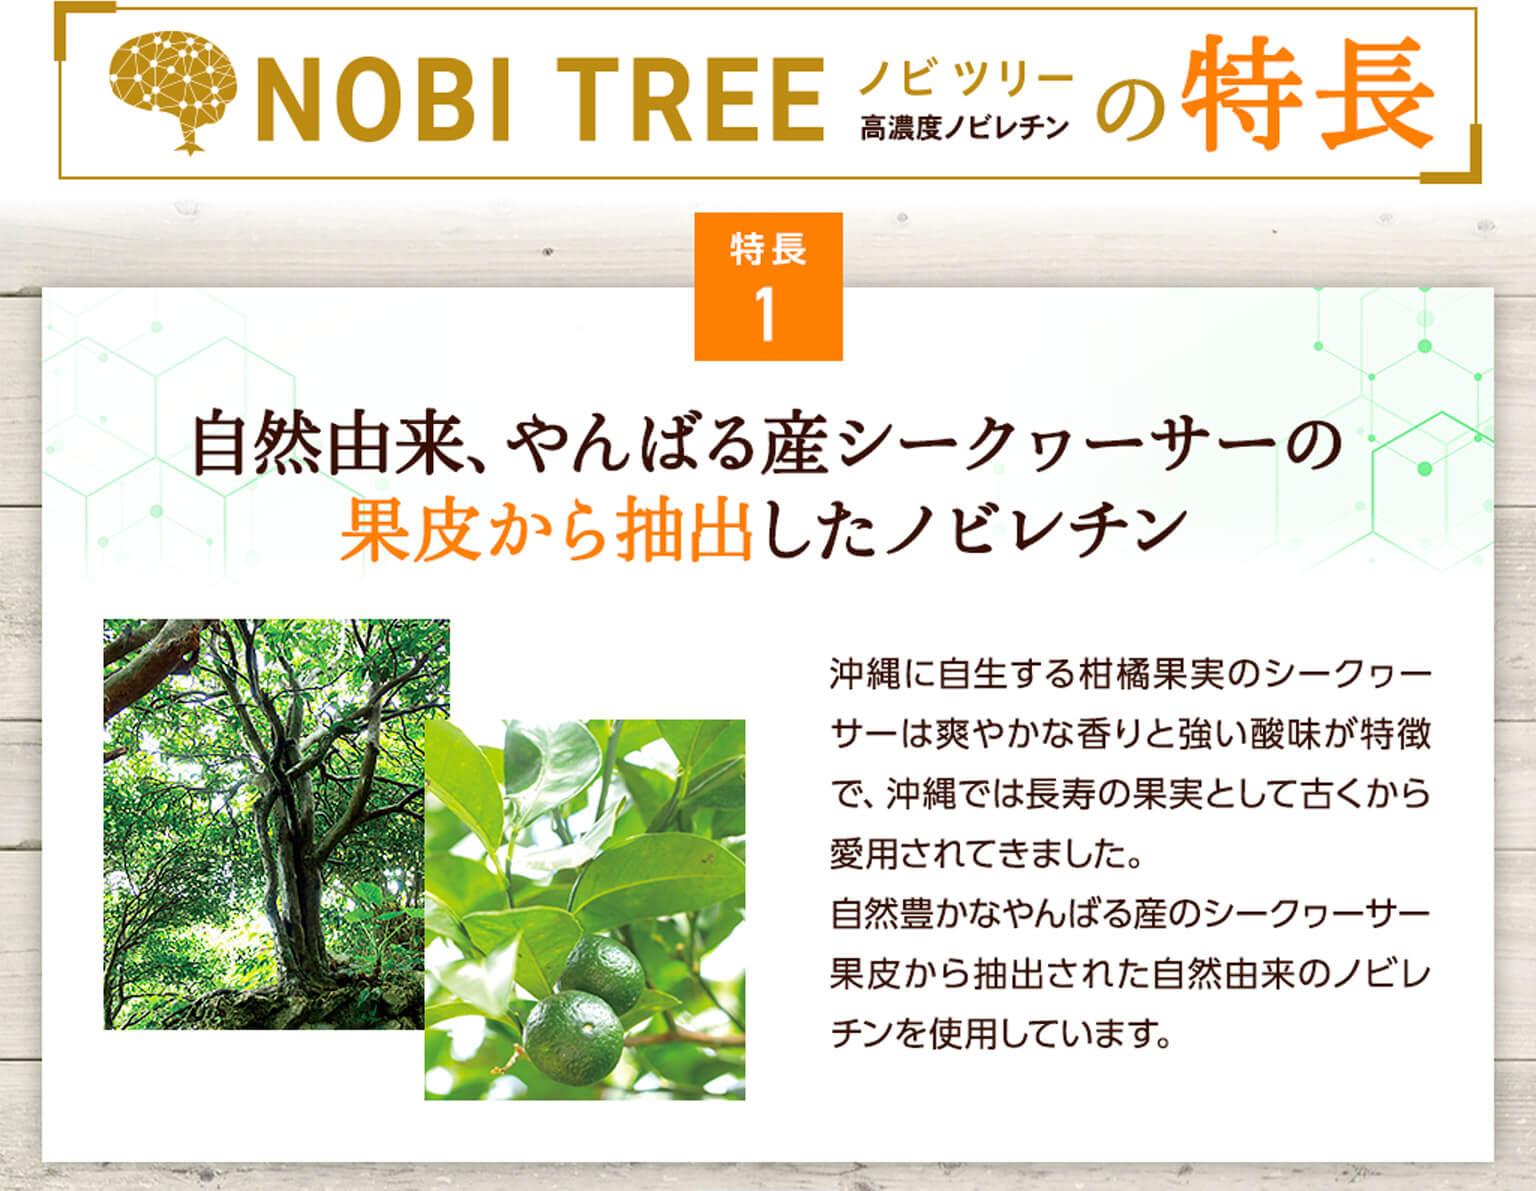 ノビツリーの特長・特長1:自然由来、やんばる産シークヮーサーの果皮から抽出したノビレチン